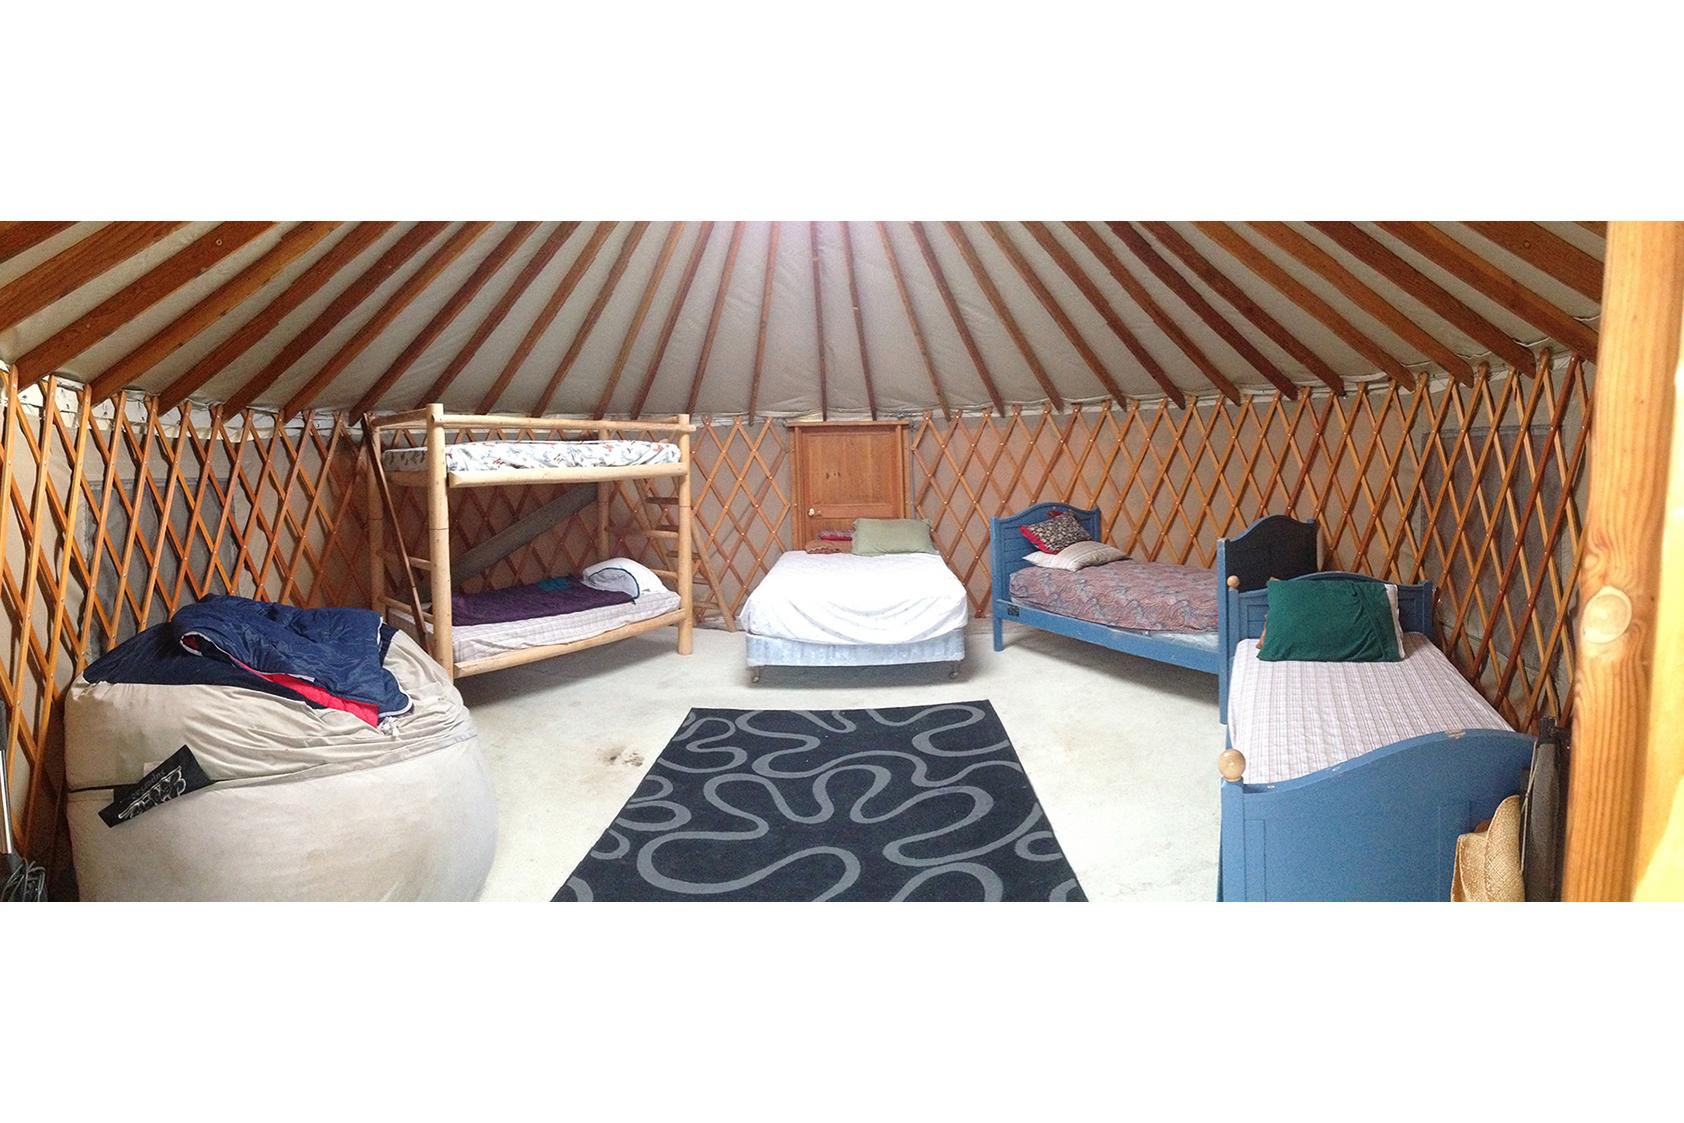 inside sleep yurt IMG_8301JPG30pcnt border.jpg